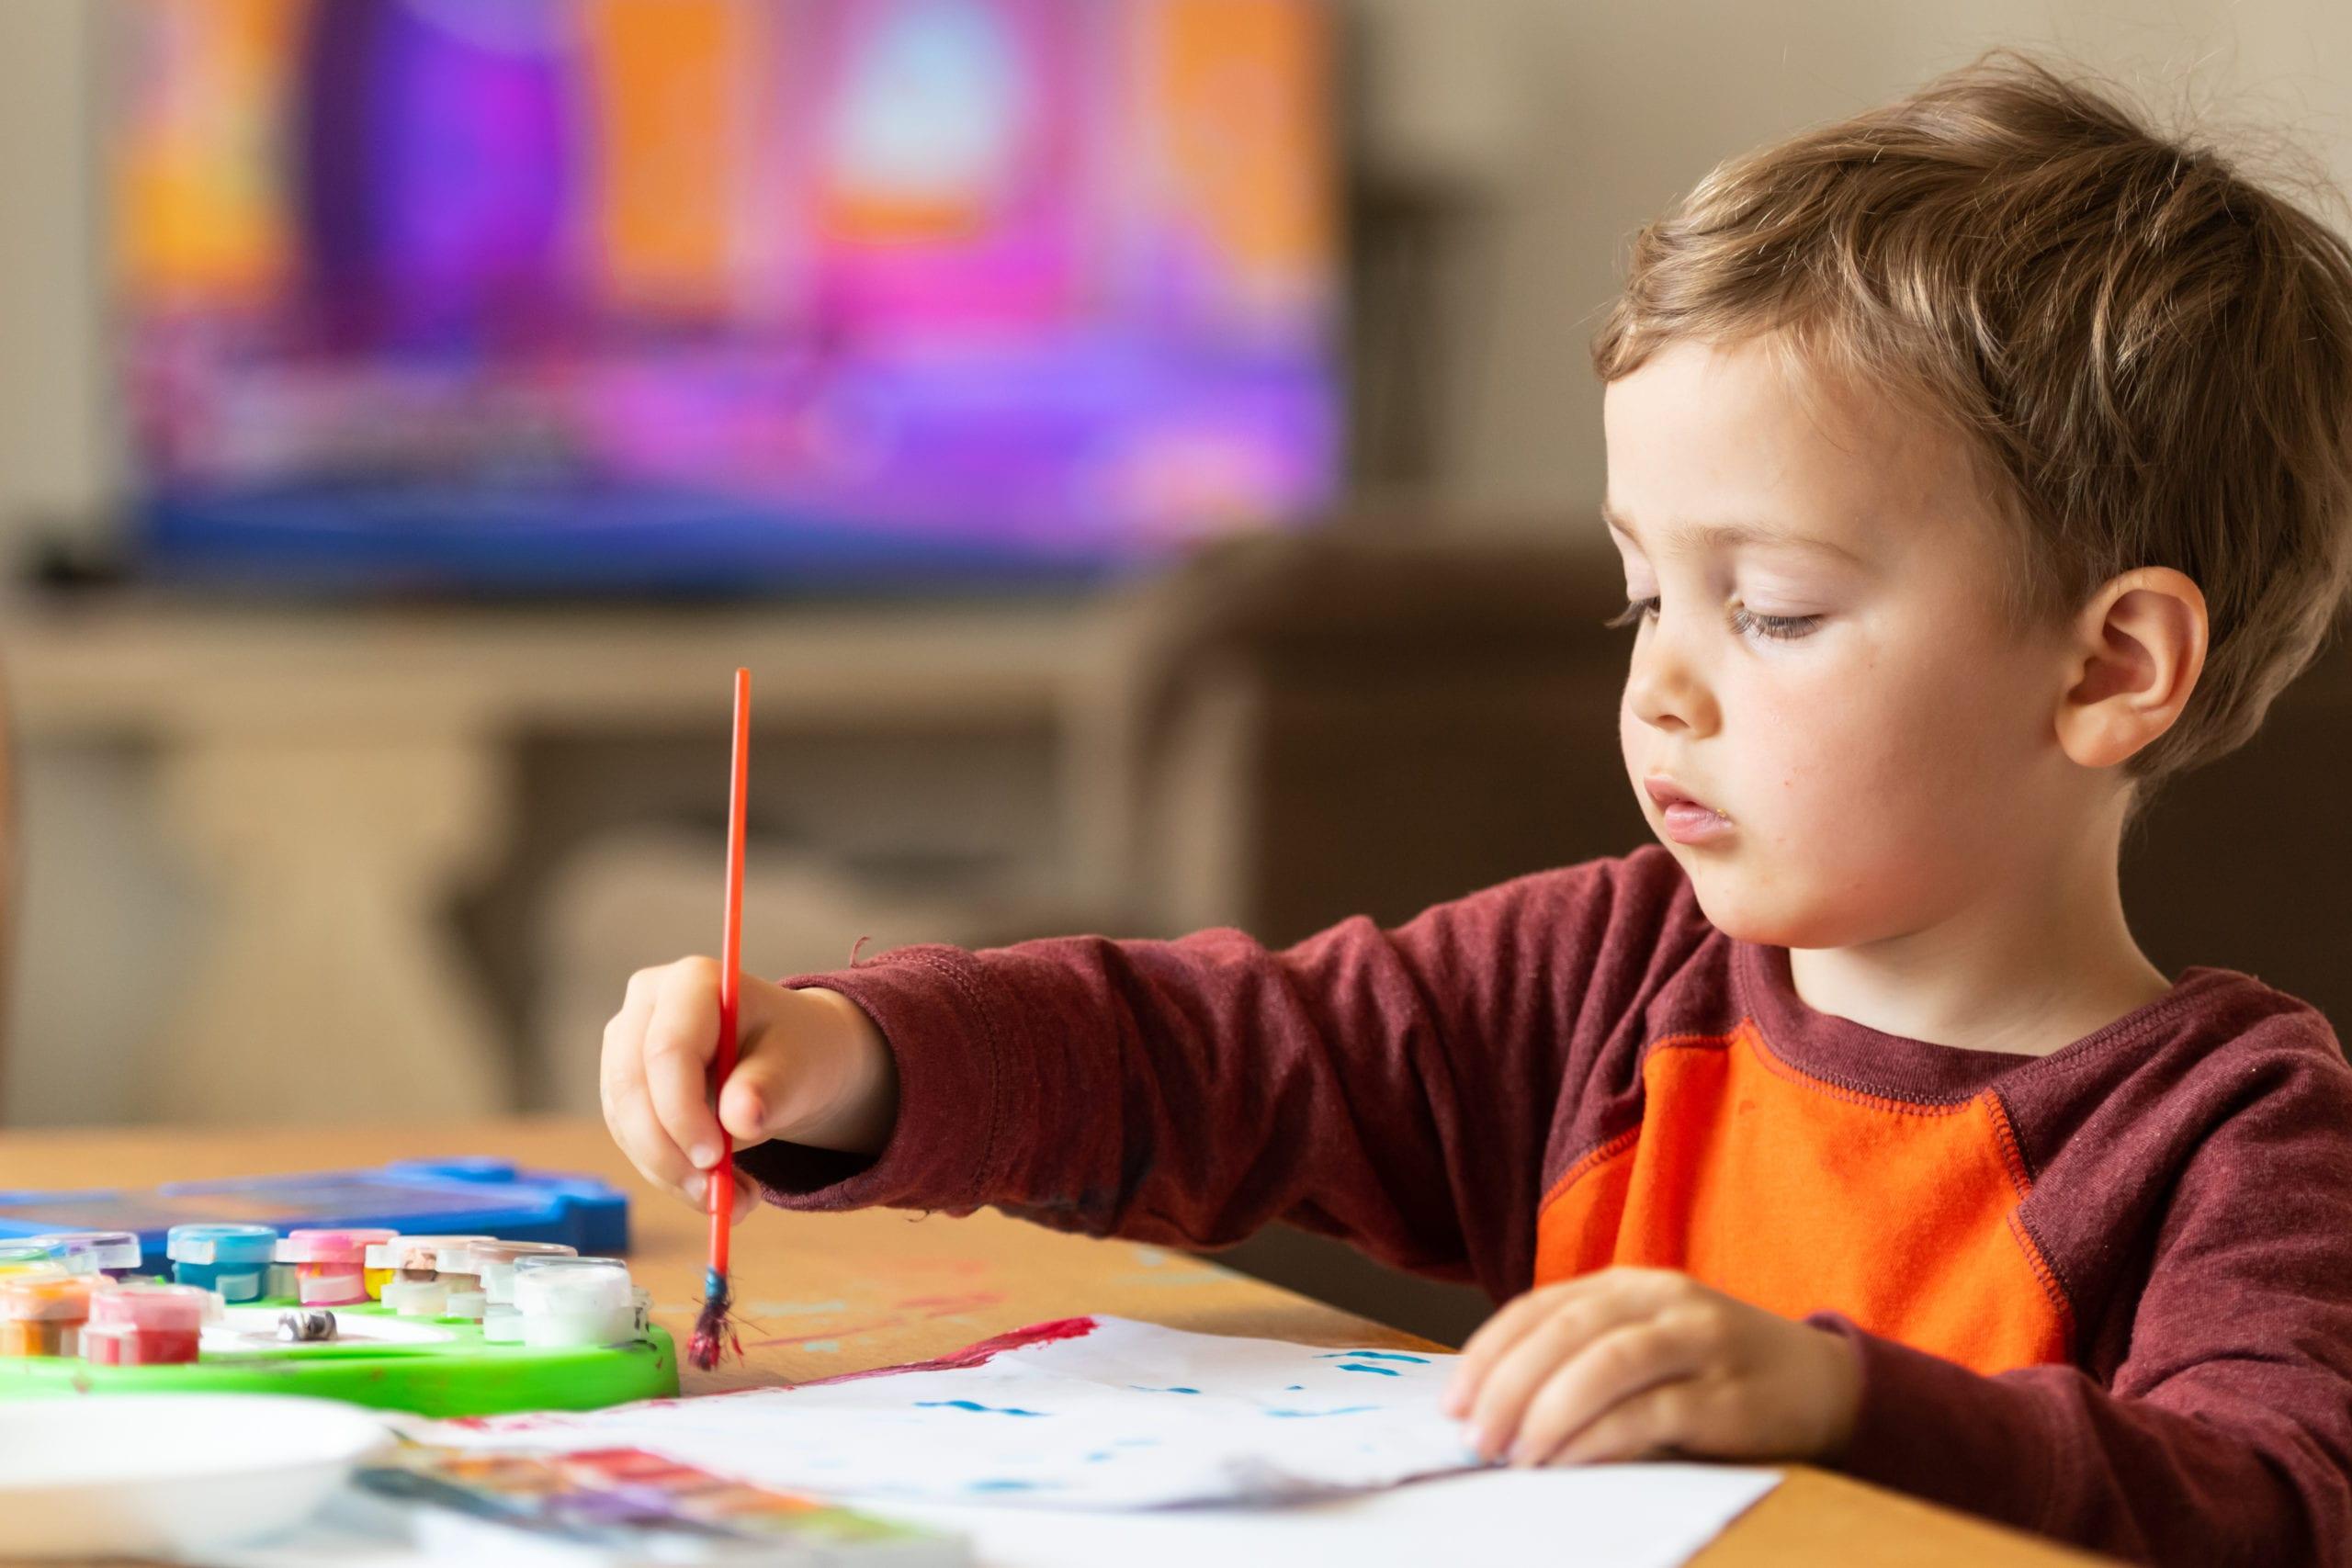 Kids Activities - Kids Coloring Book